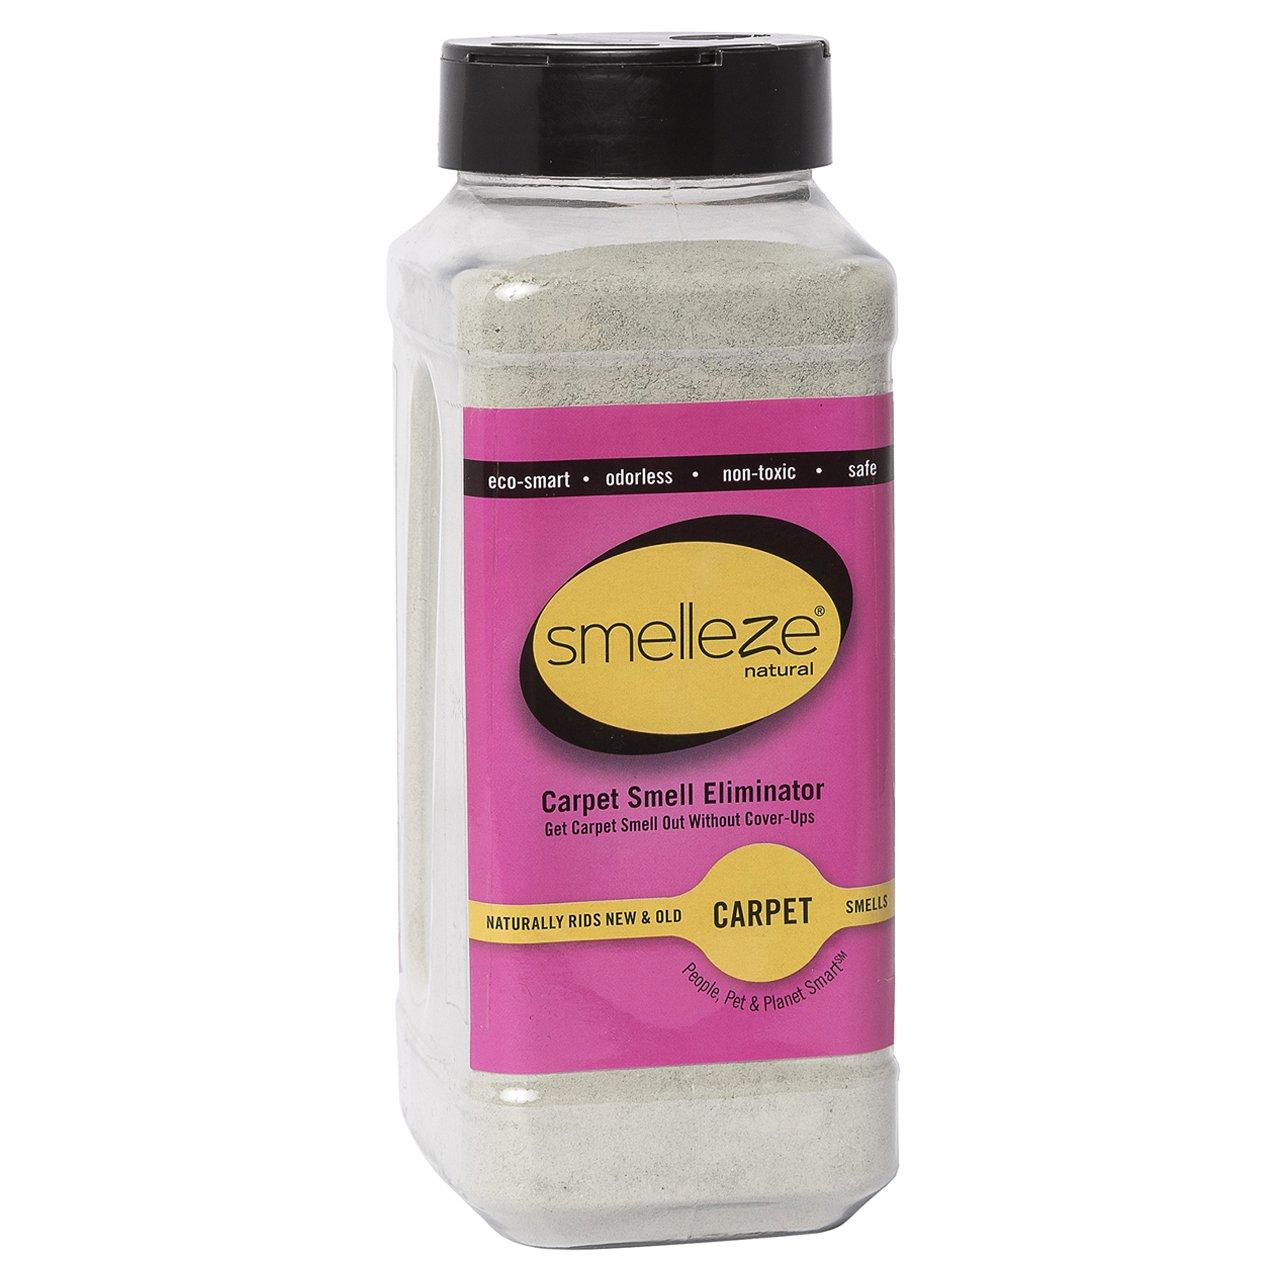 SMELLEZE Natural New Carpet Odor Eliminator Deodorizer: 2 lb. Powder Rids Carpet VOC